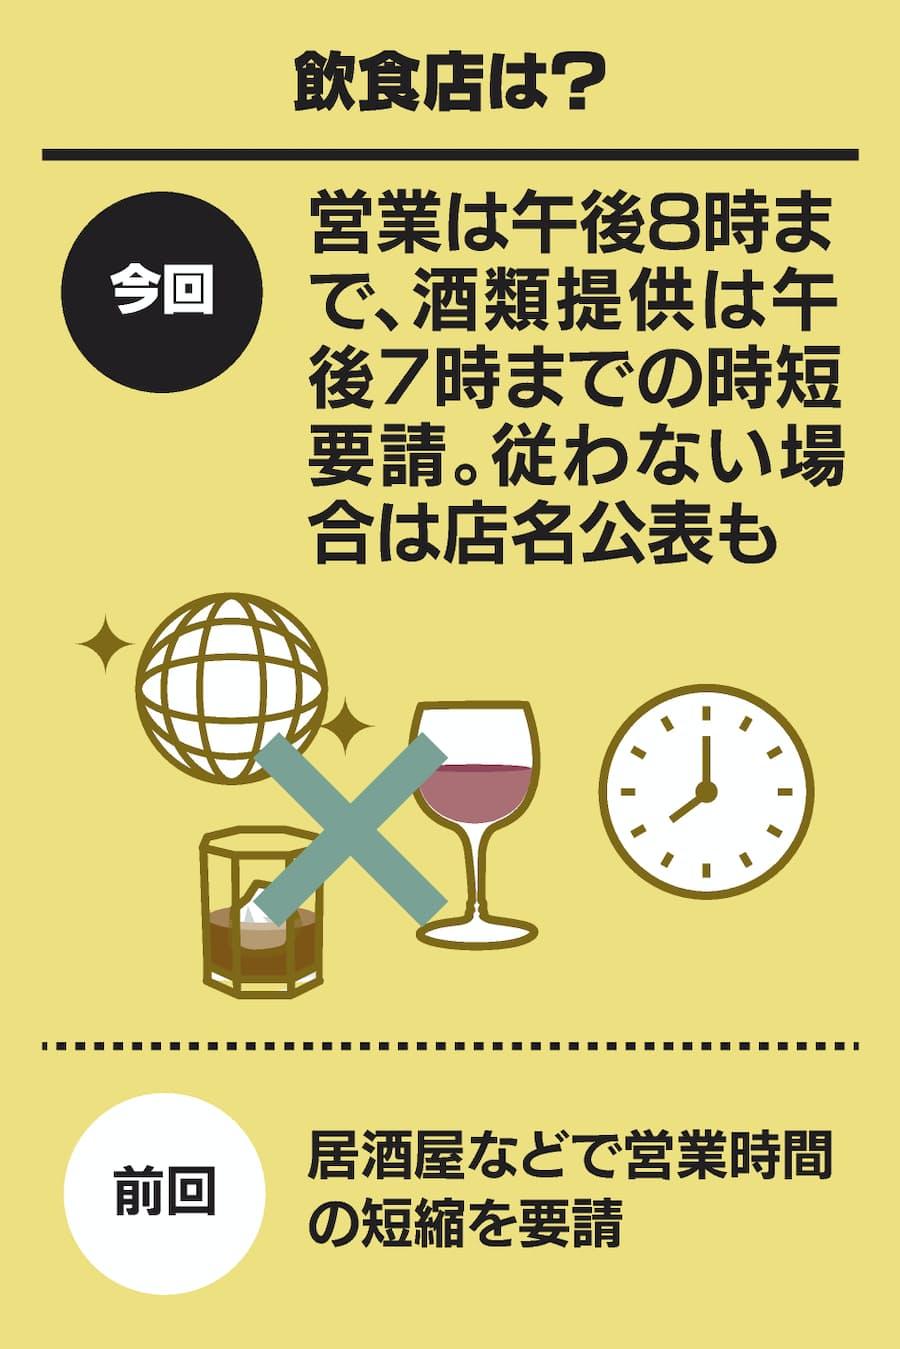 どうなる 日本 緊急 宣言 事態